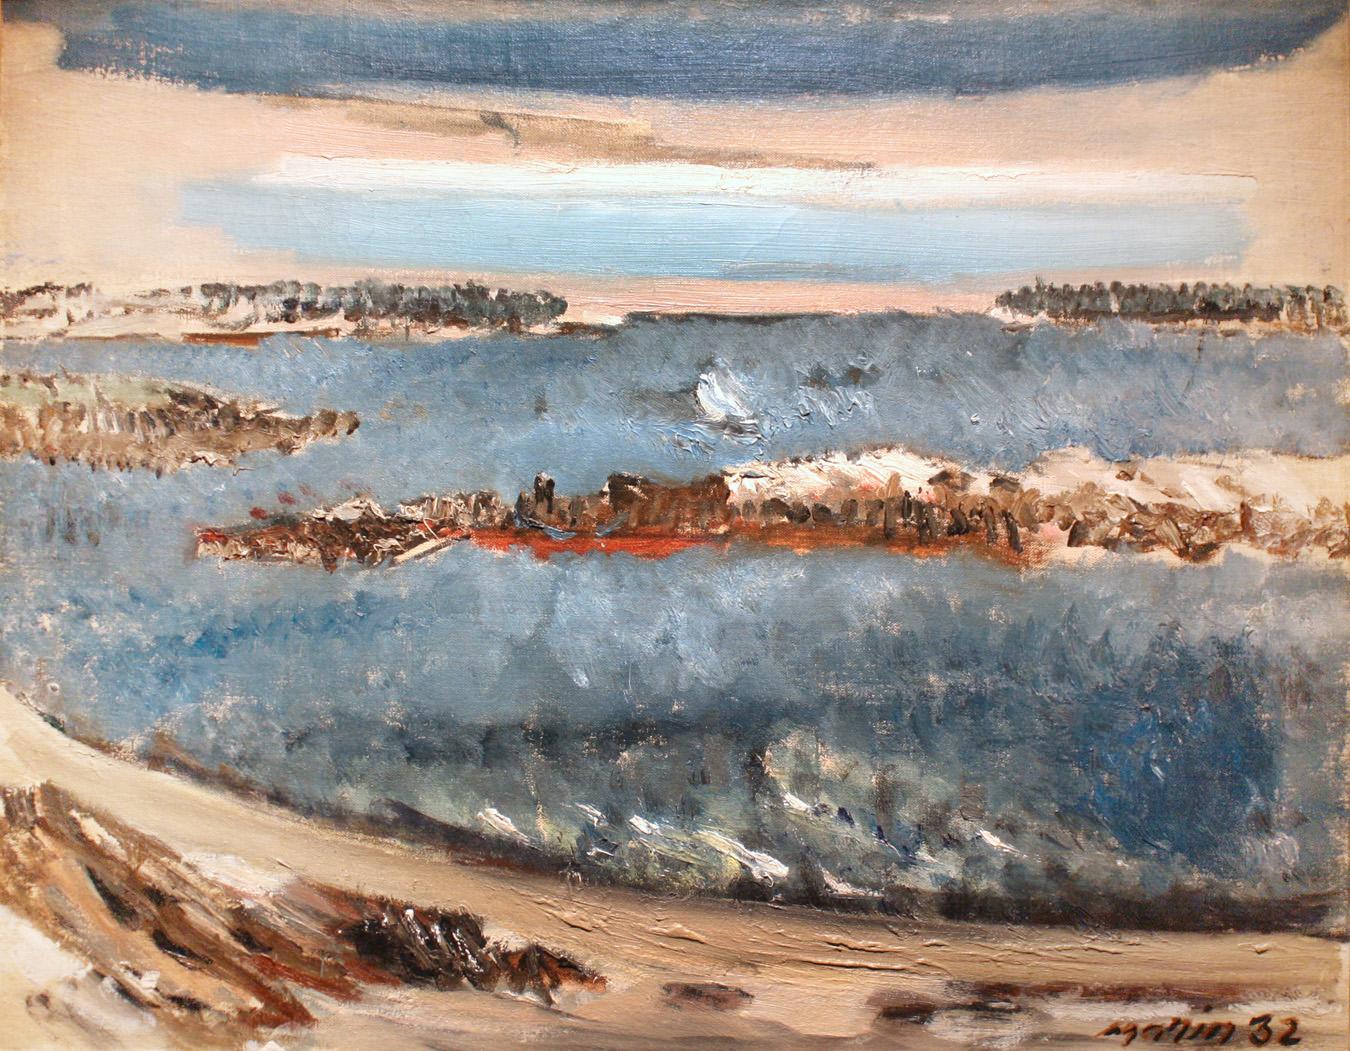 Ledges - the Sea, Boat, and Sky